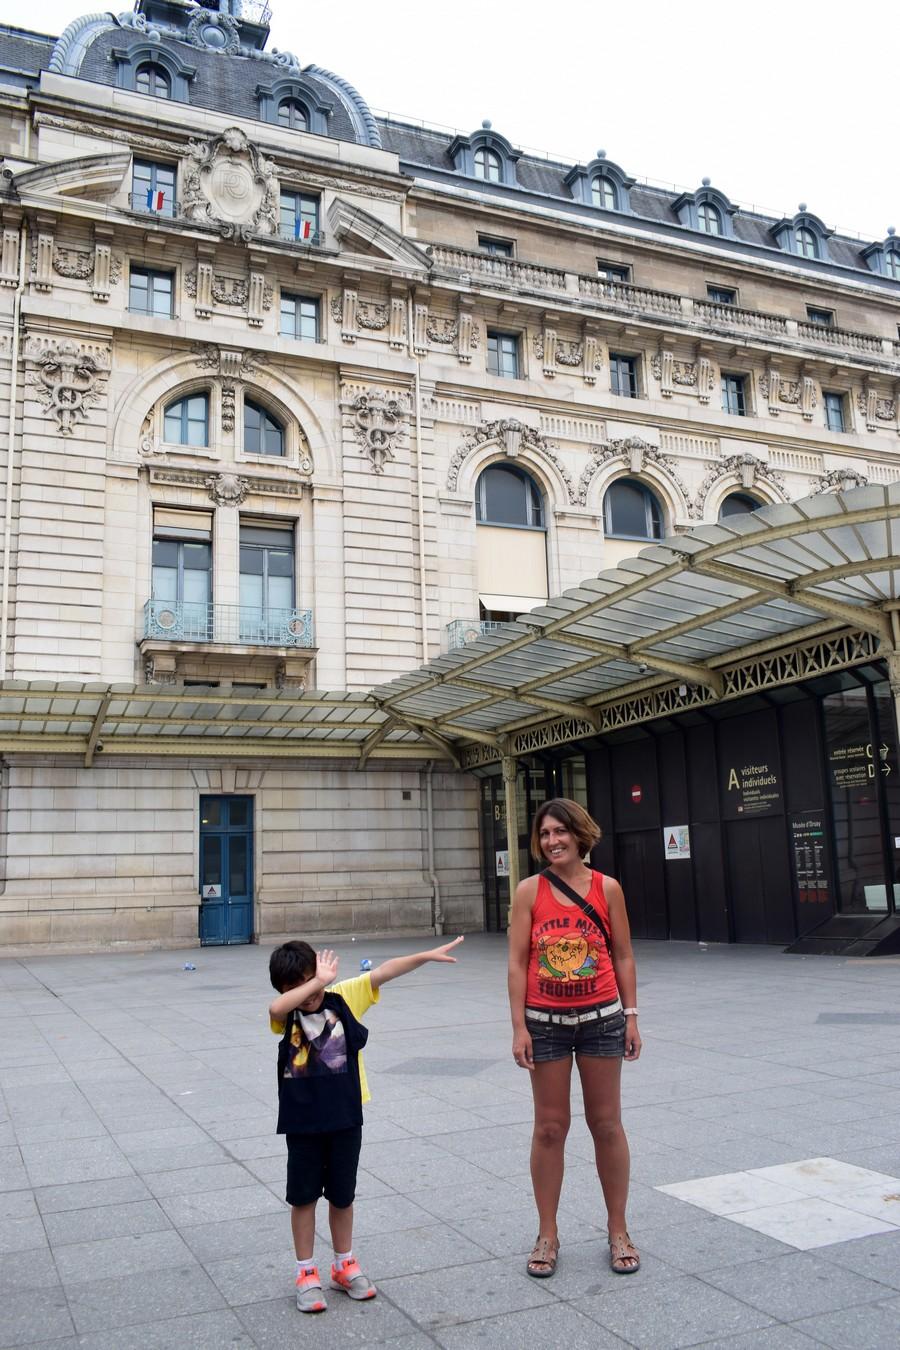 Musée d'Orsay, Rue de la Légion d'Honneur, Paris